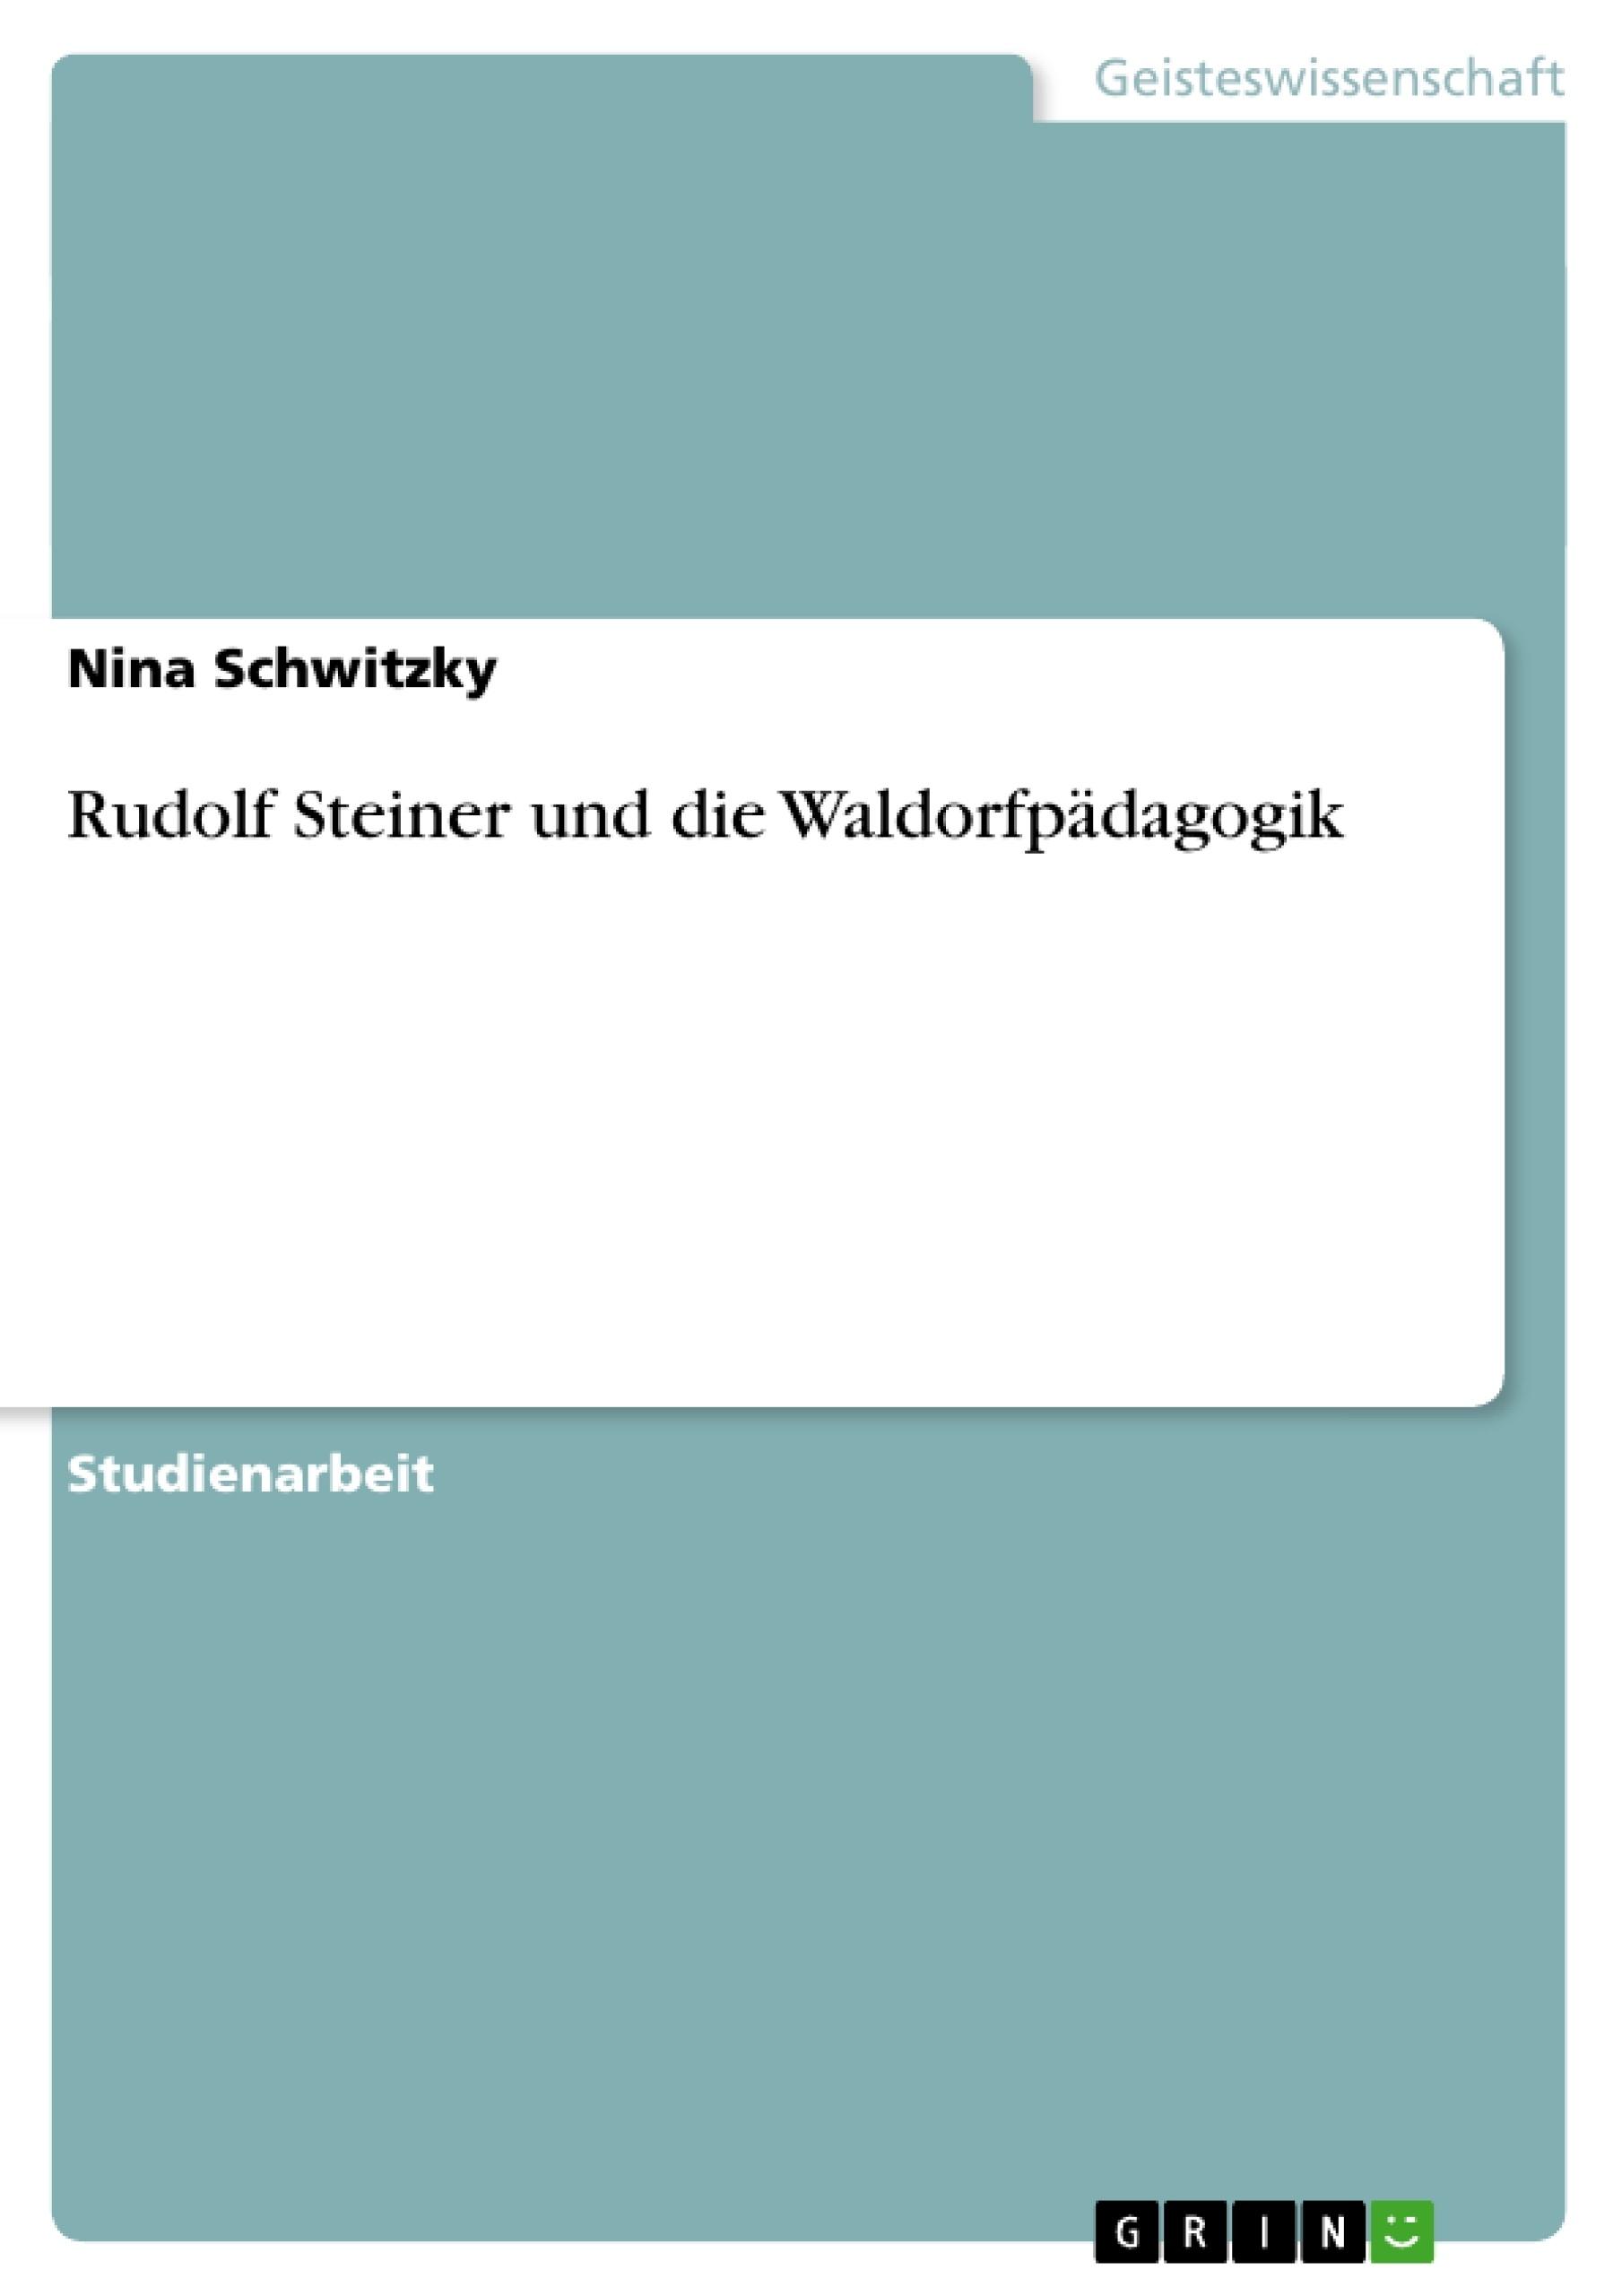 Titel: Rudolf Steiner und die Waldorfpädagogik